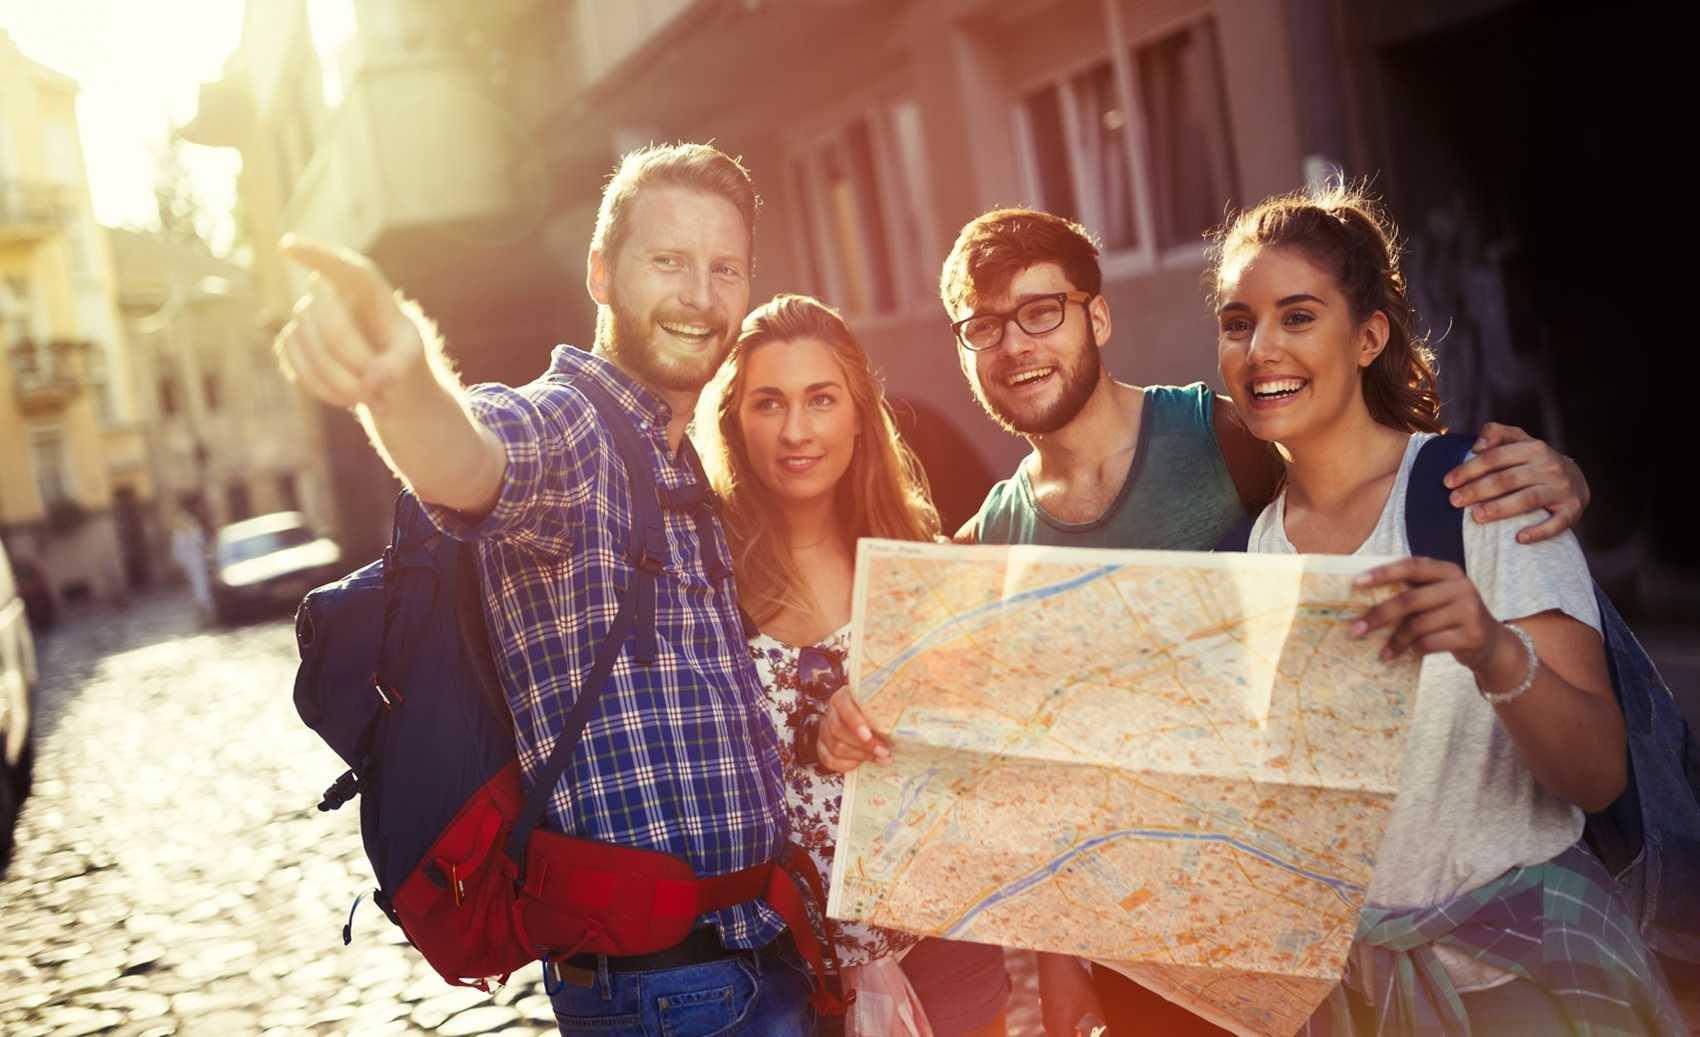 2 Nächte A&O Hostel Mehrbettzimmer in Berlin, Hamburg, Amsterdam, München oder Kopenhagen uvm.